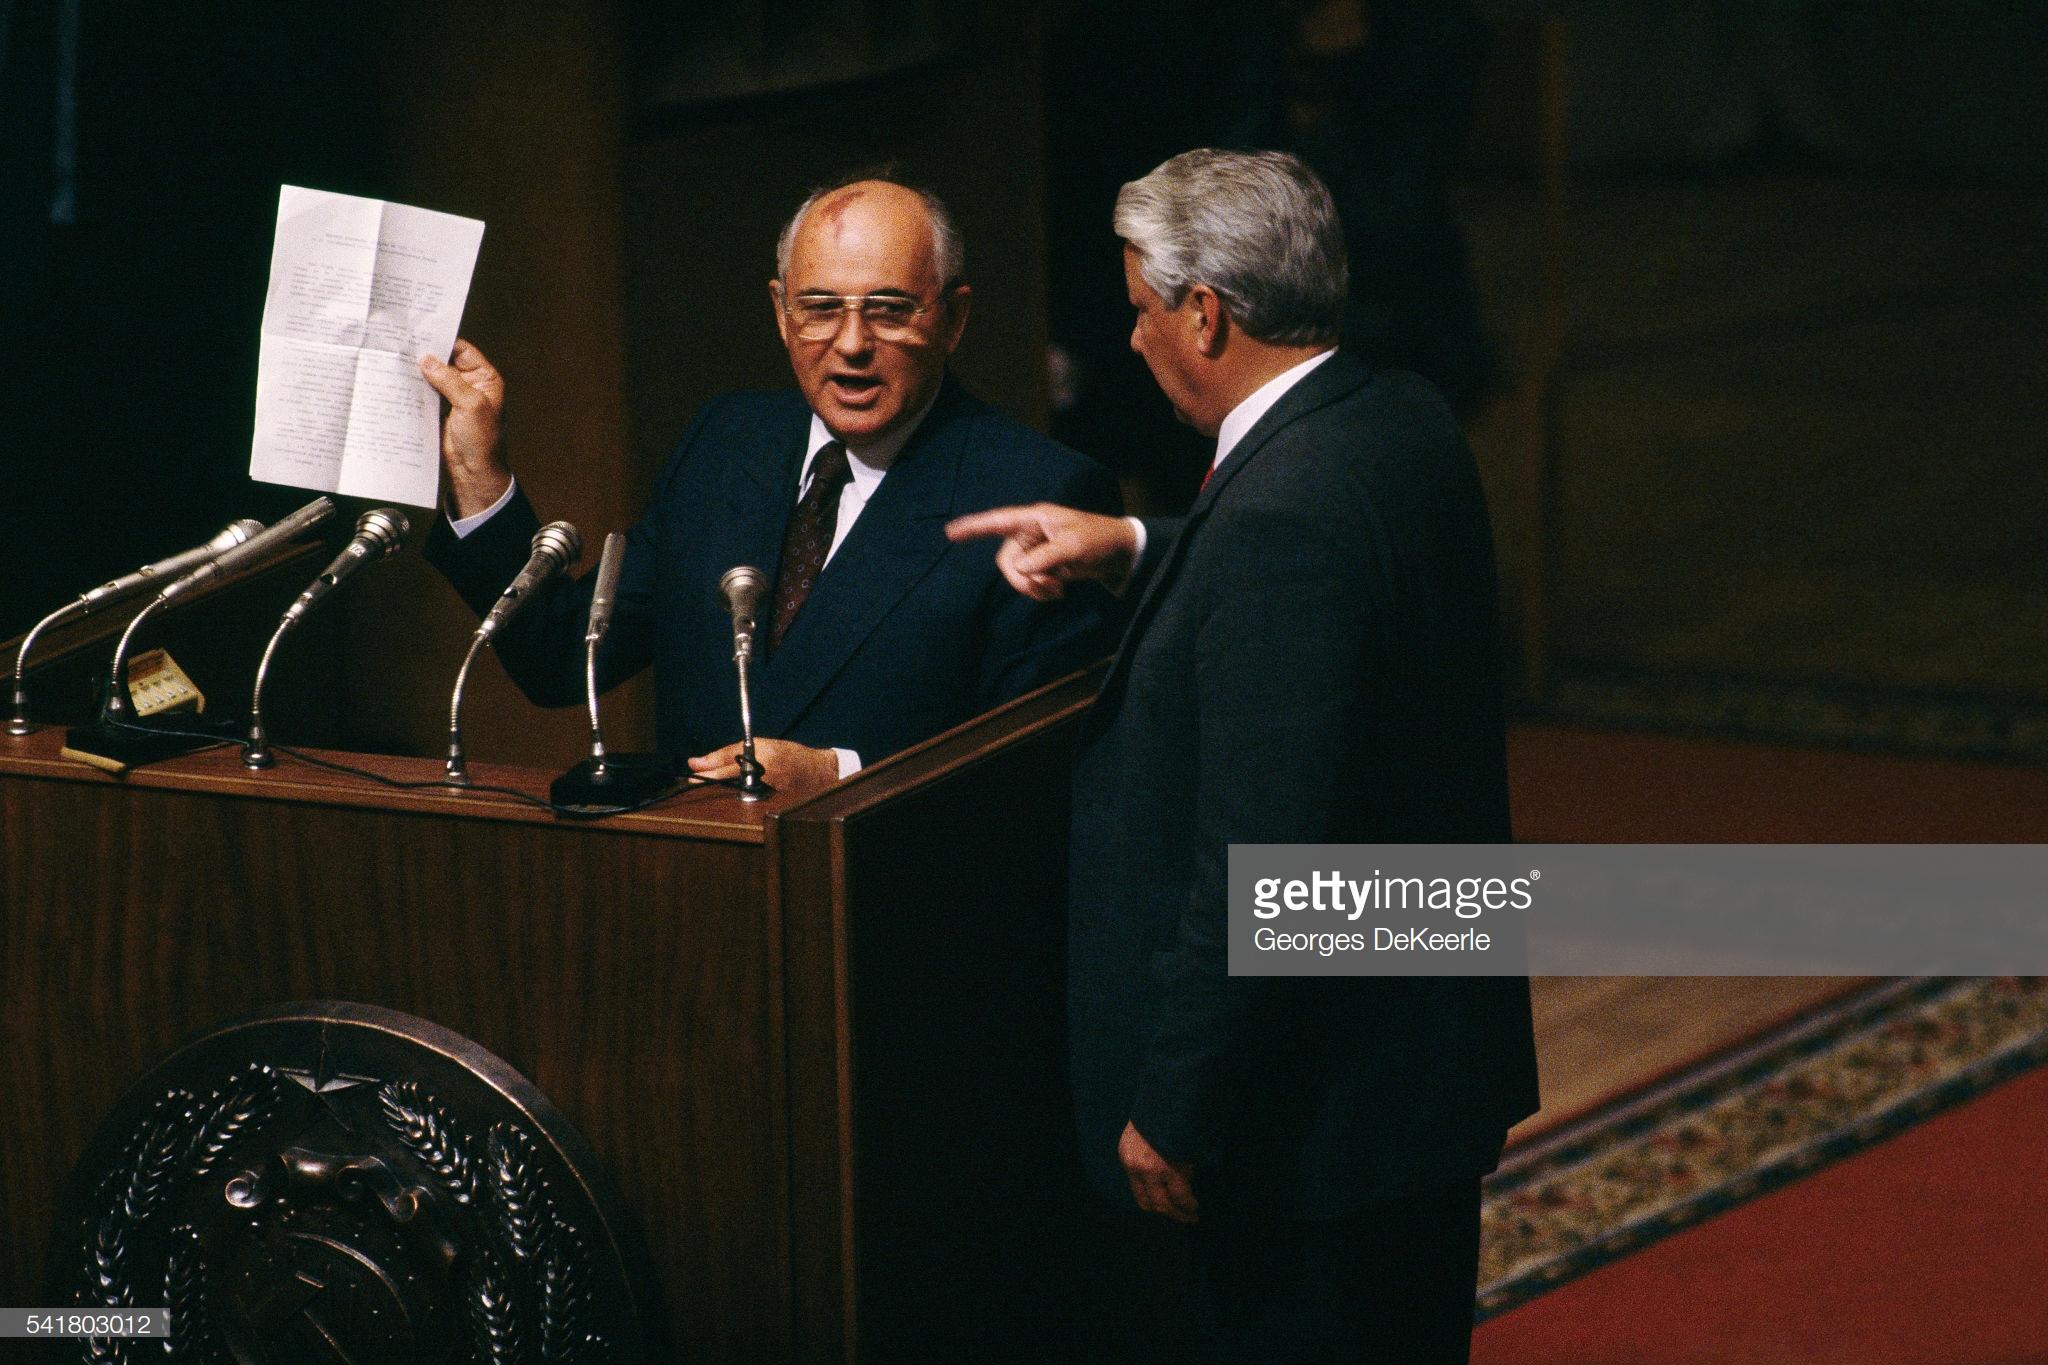 Коммунистический лидер Михаил Горбачев объявляет компартию вне закона